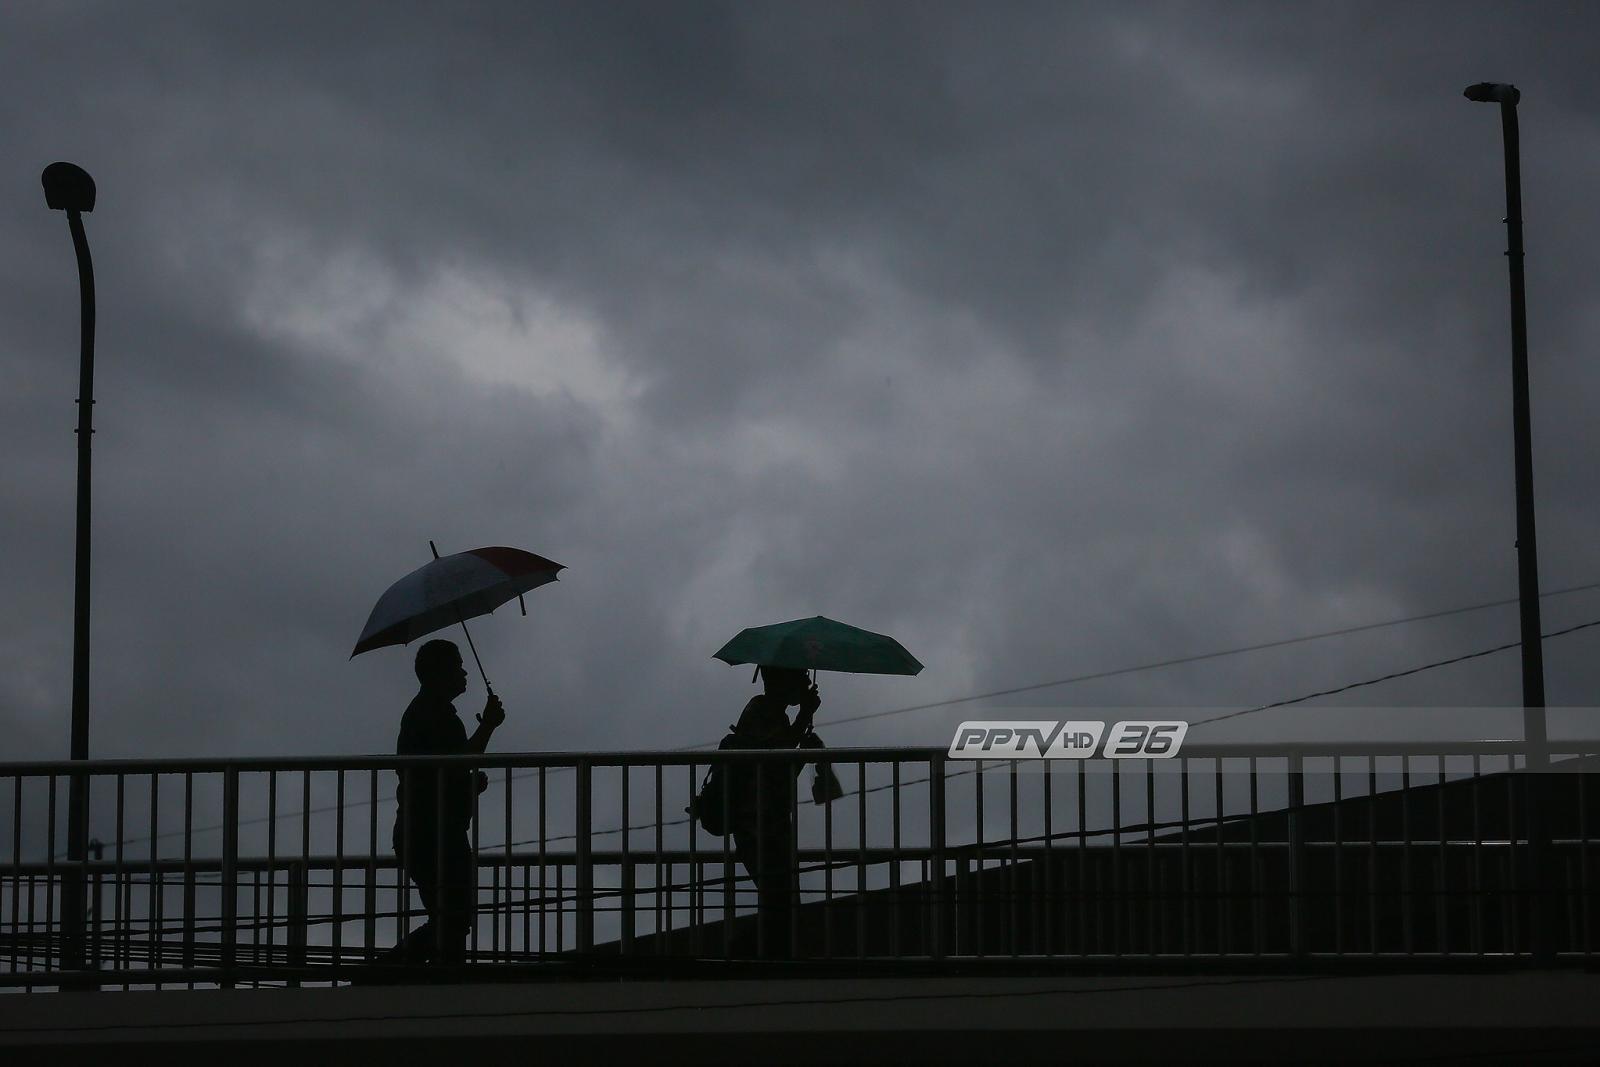 """อุตุฯพยากรณ์อากาศ """"เหนือ-อีสาน-ตะวันออก""""มีฝนตกหนักบางแห่ง"""